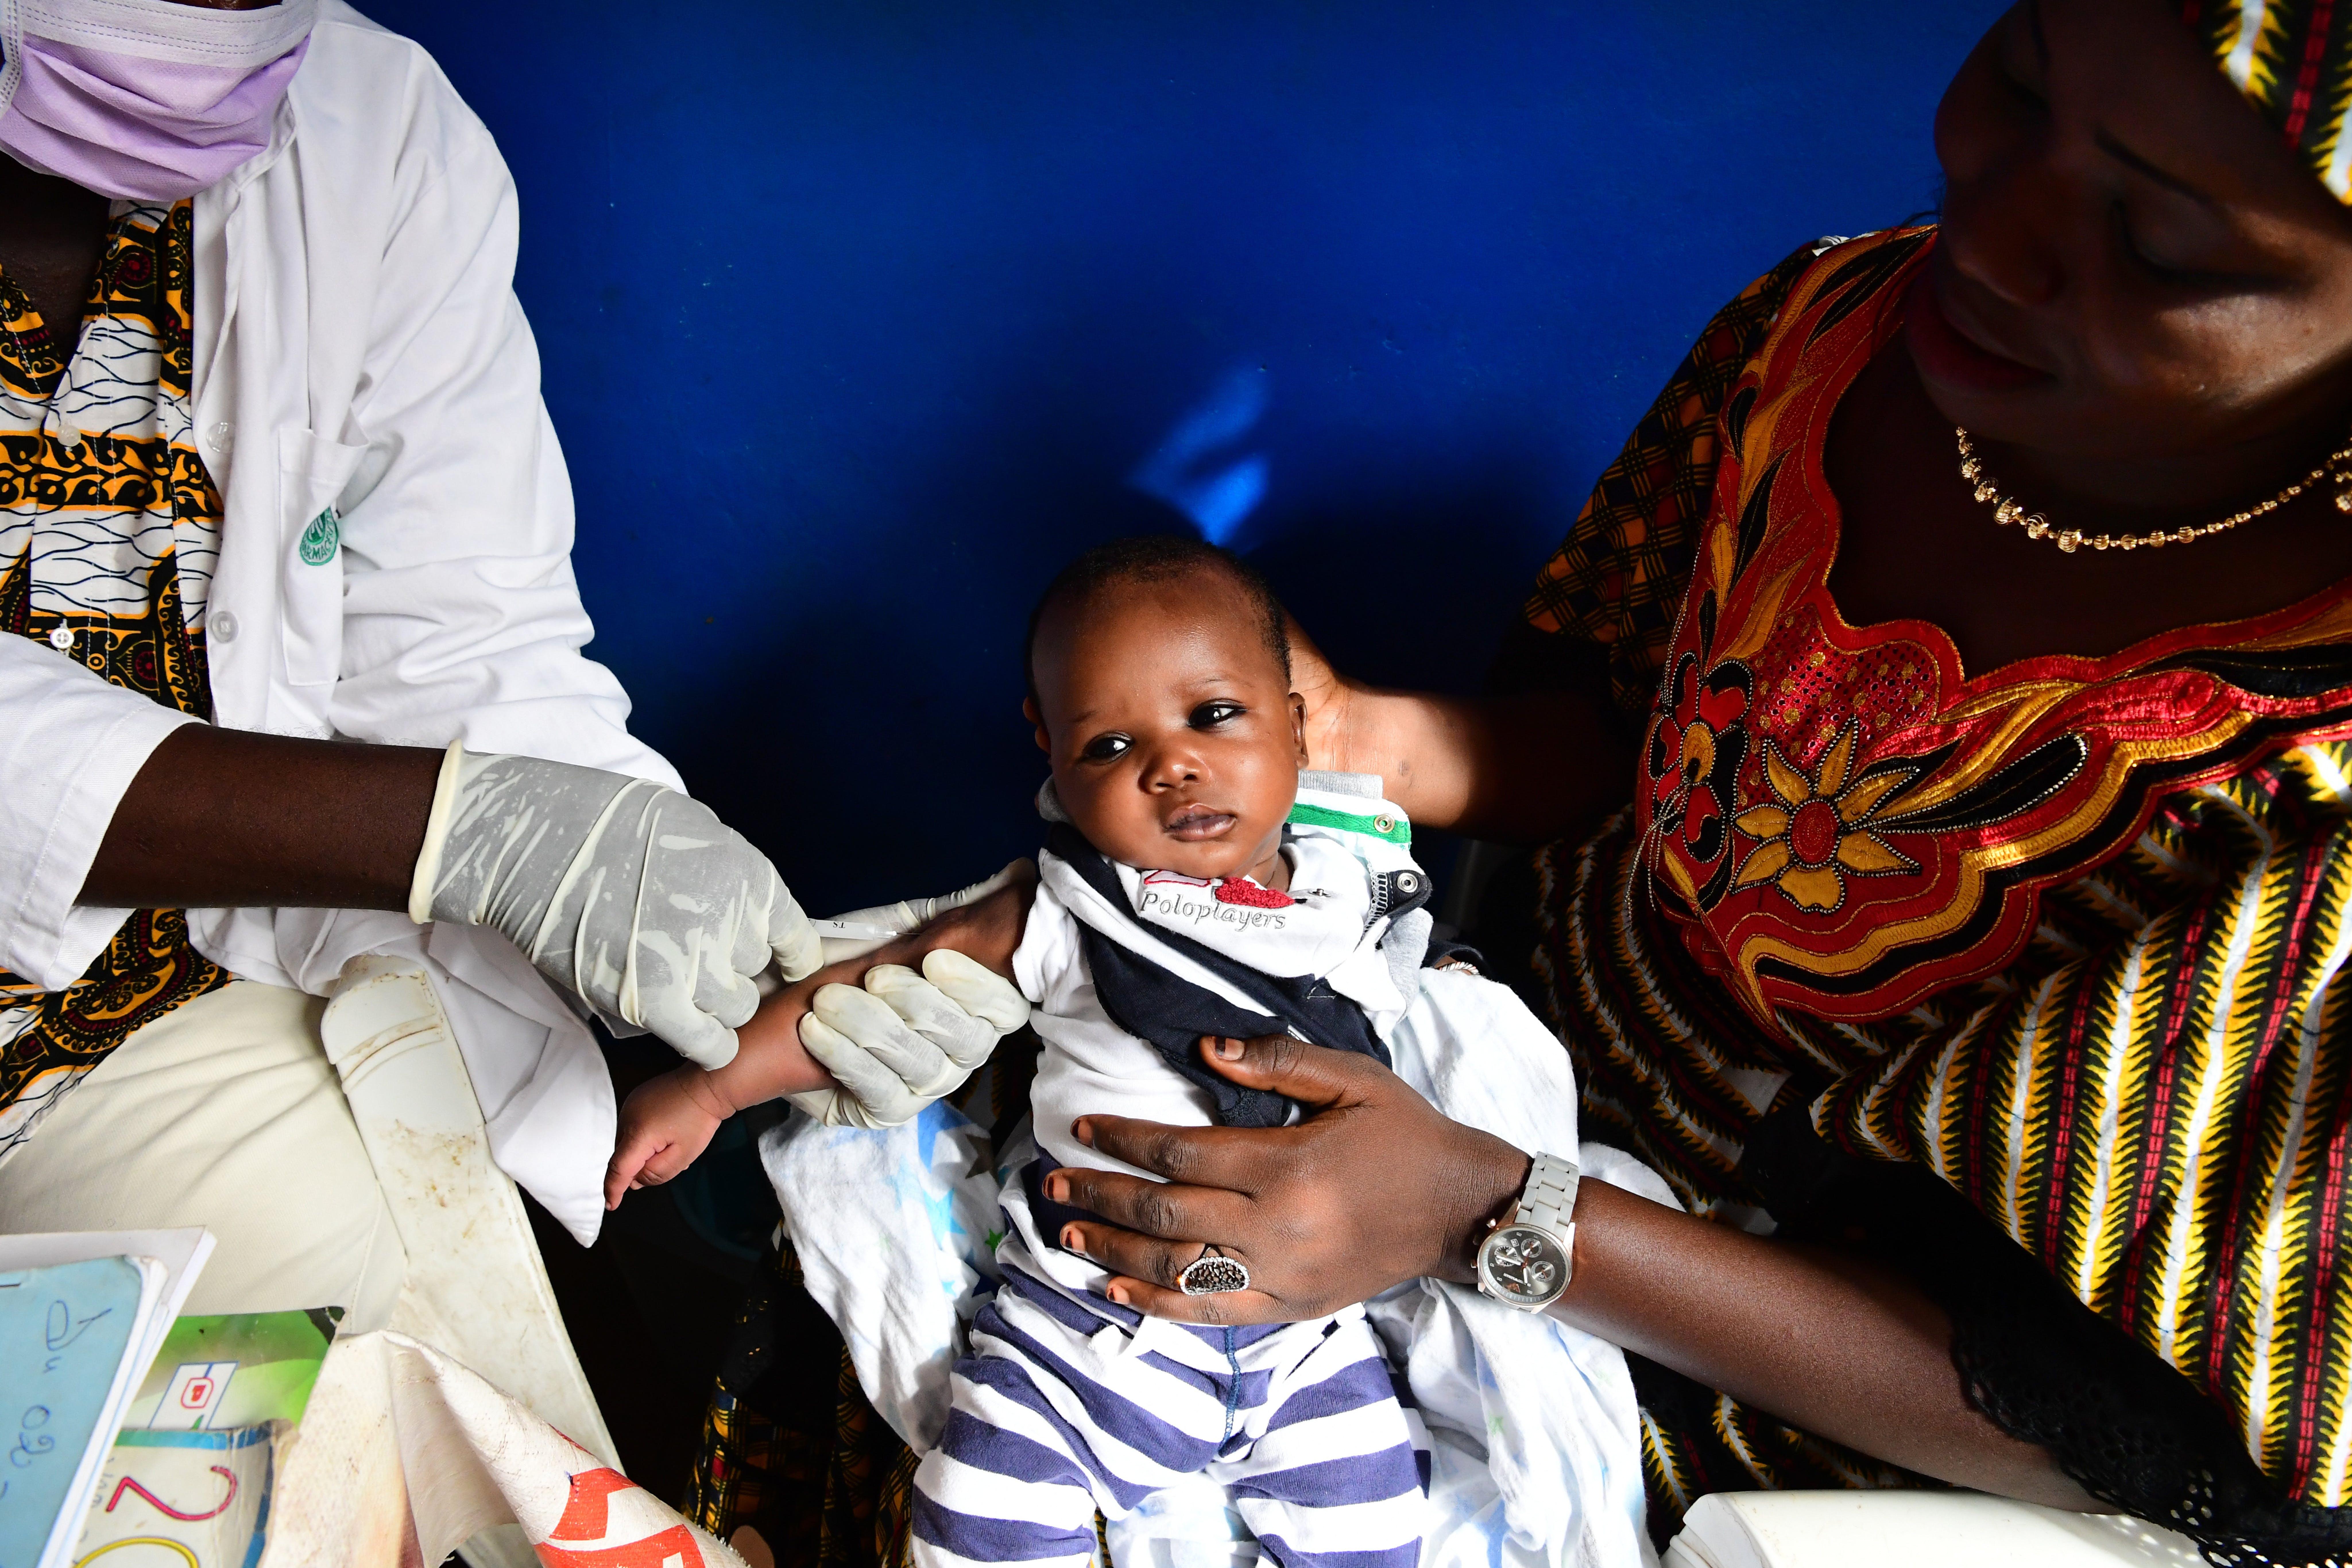 Djibril, 2 mesi, si trova in ospedale vaccinazioni di routine. Siamo in Costa D'Avorio